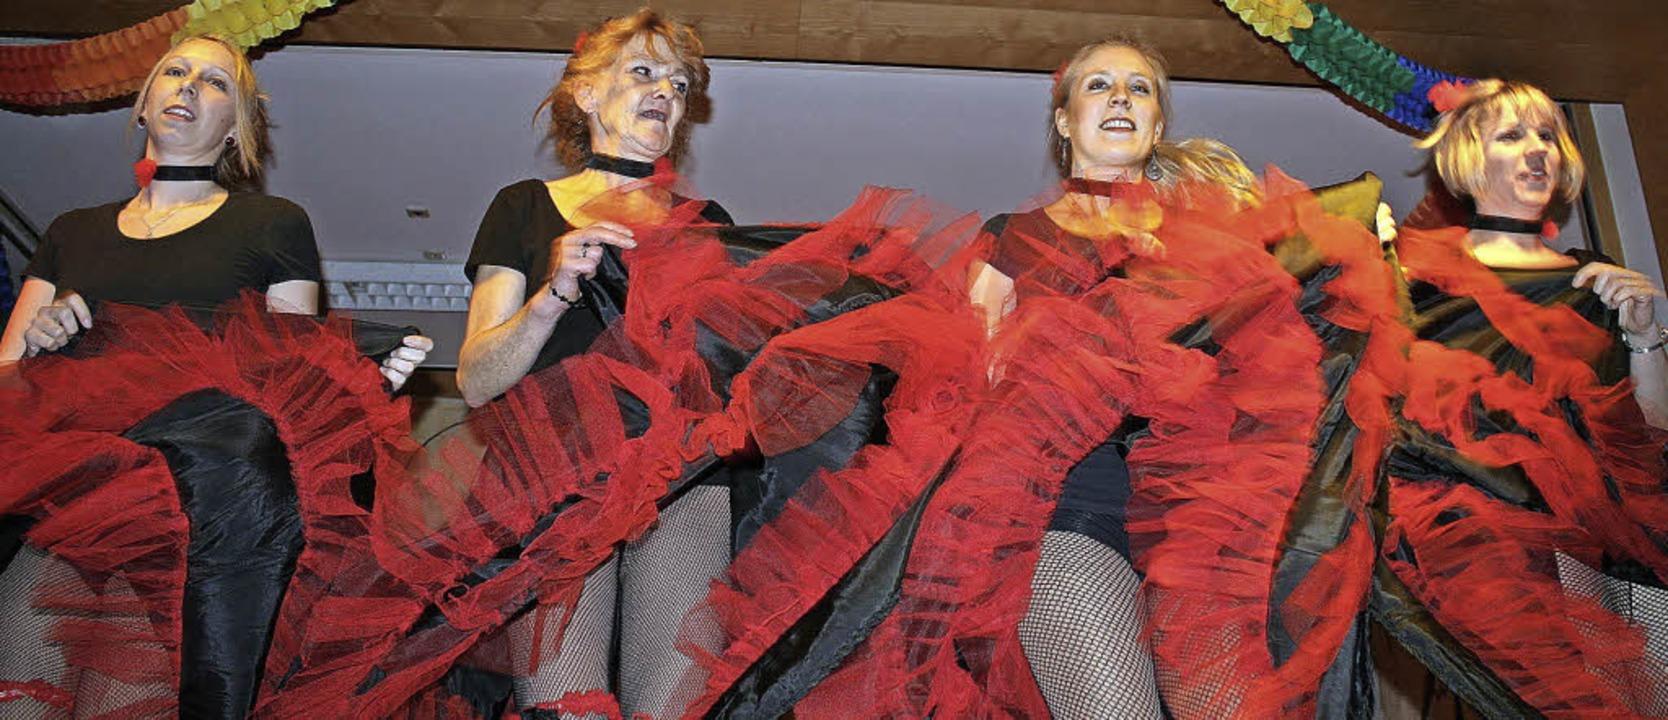 Wirbelnde Röcke, hochgeworfene Beine: ...Tanz im Wilden Westen von St. Ulrich.   | Foto: Jonas Hirt